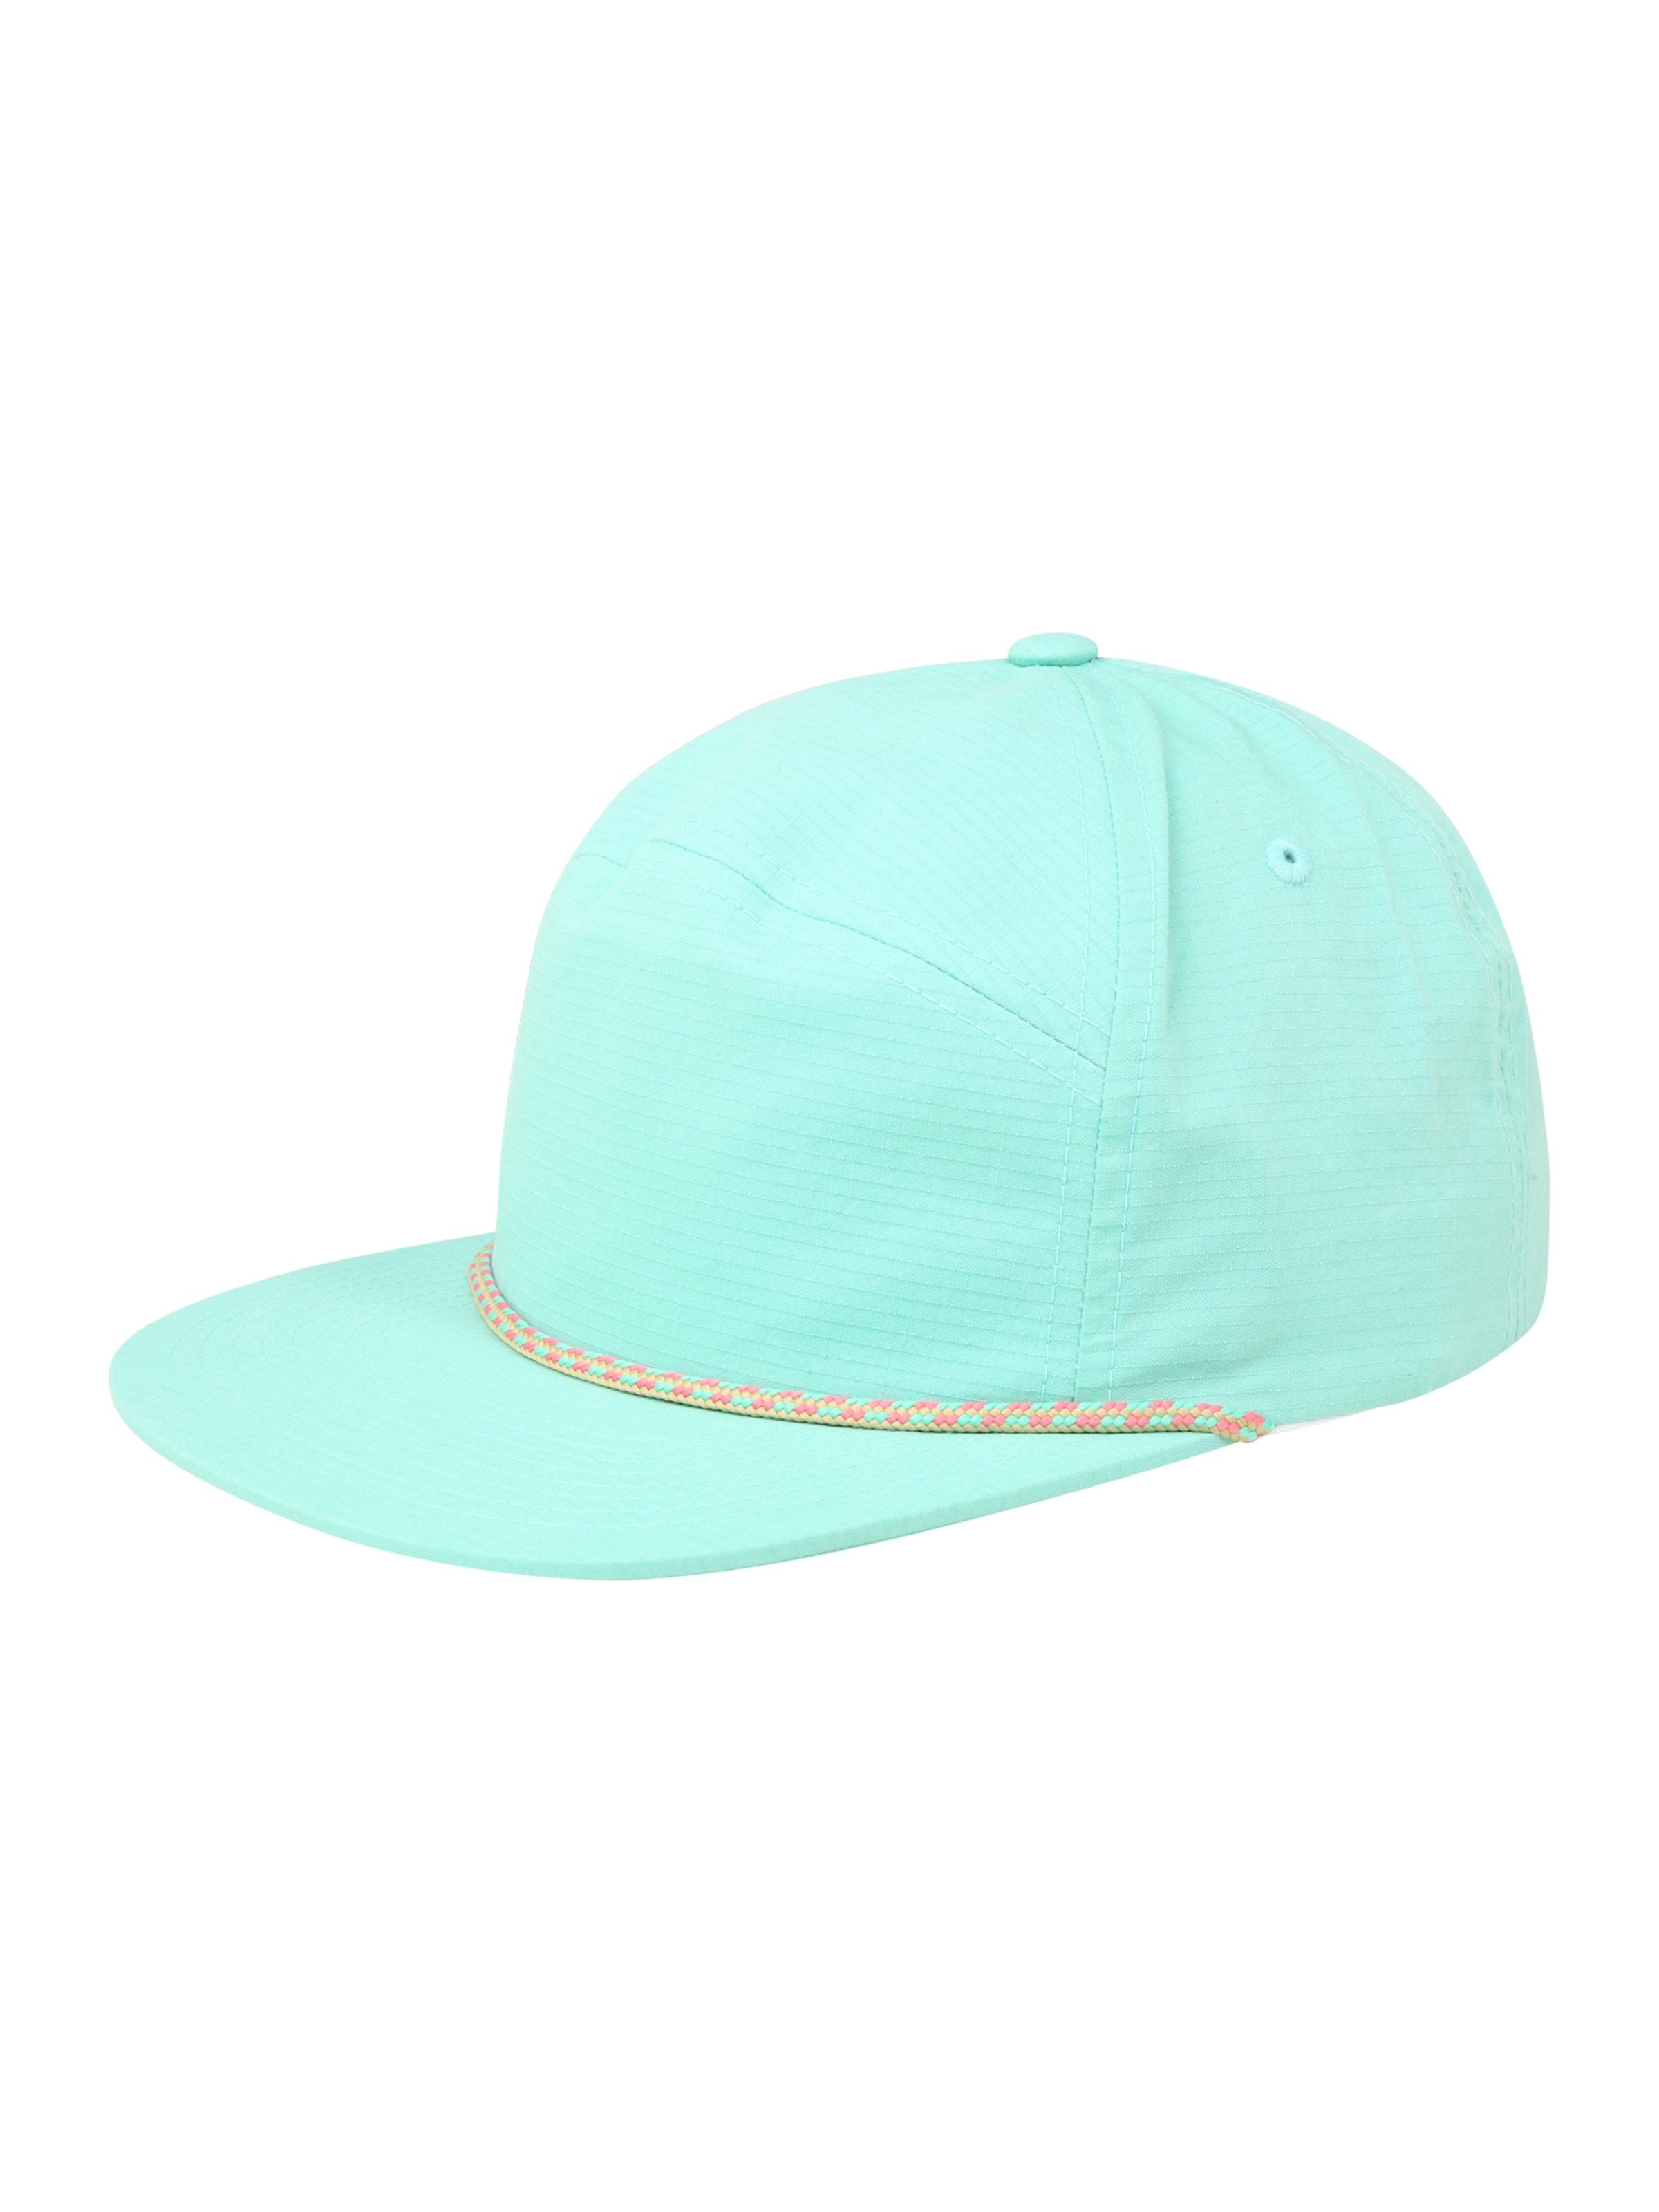 'color Braid En Jockey Flexfit Menthe Casquette Cap' 9WbHIED2Ye